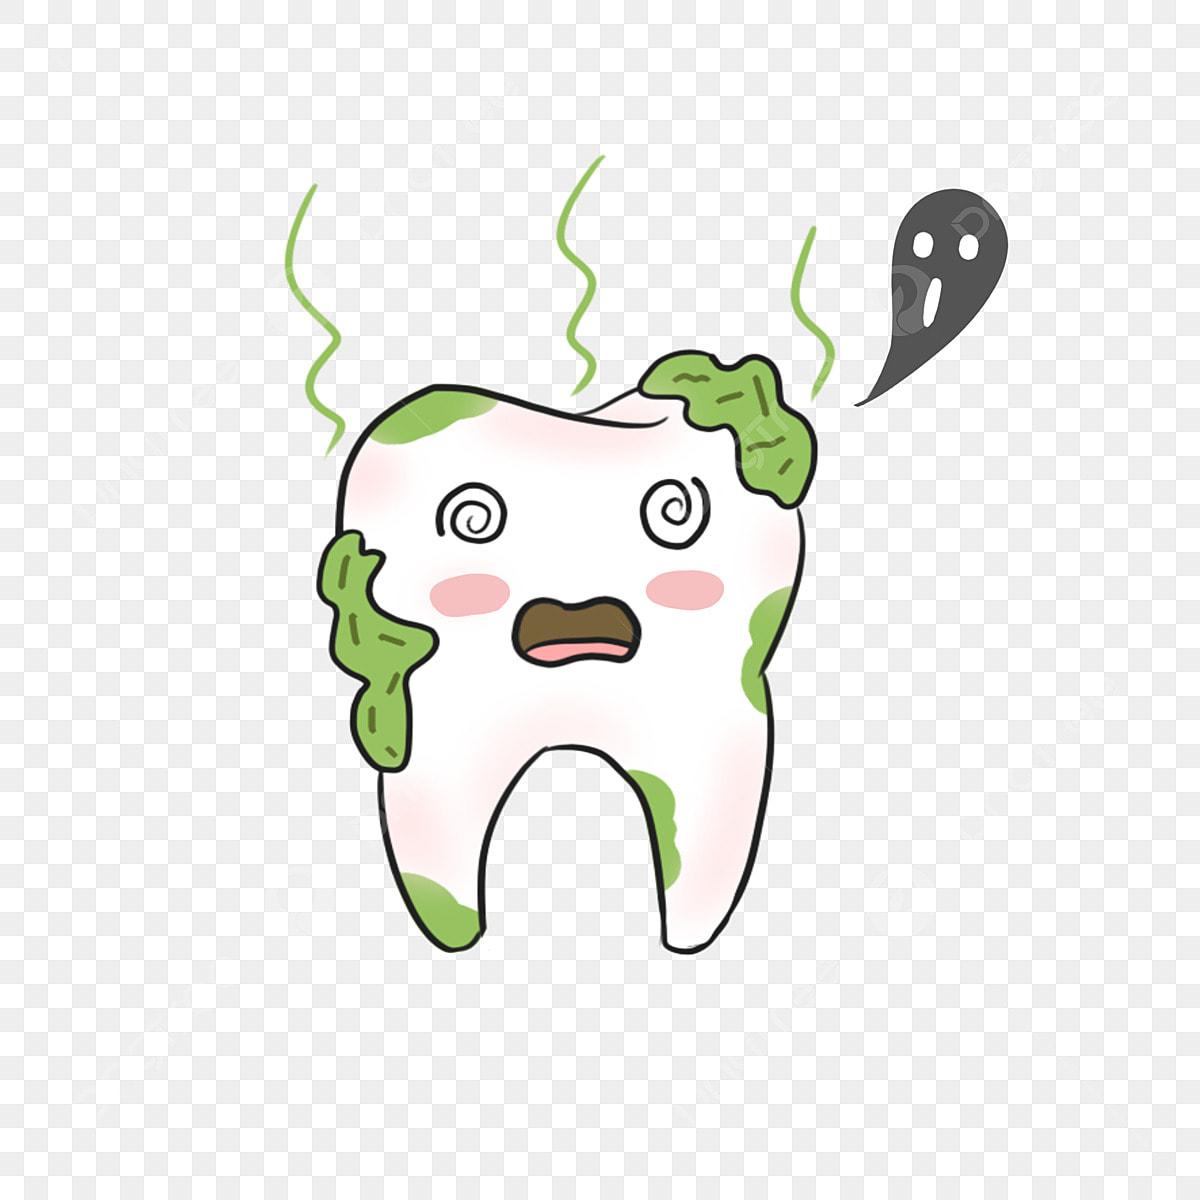 الكرتون الإبداعية تسوس الأسنان رسوم متحركة الأسنان سن Png وملف Psd للتحميل مجانا